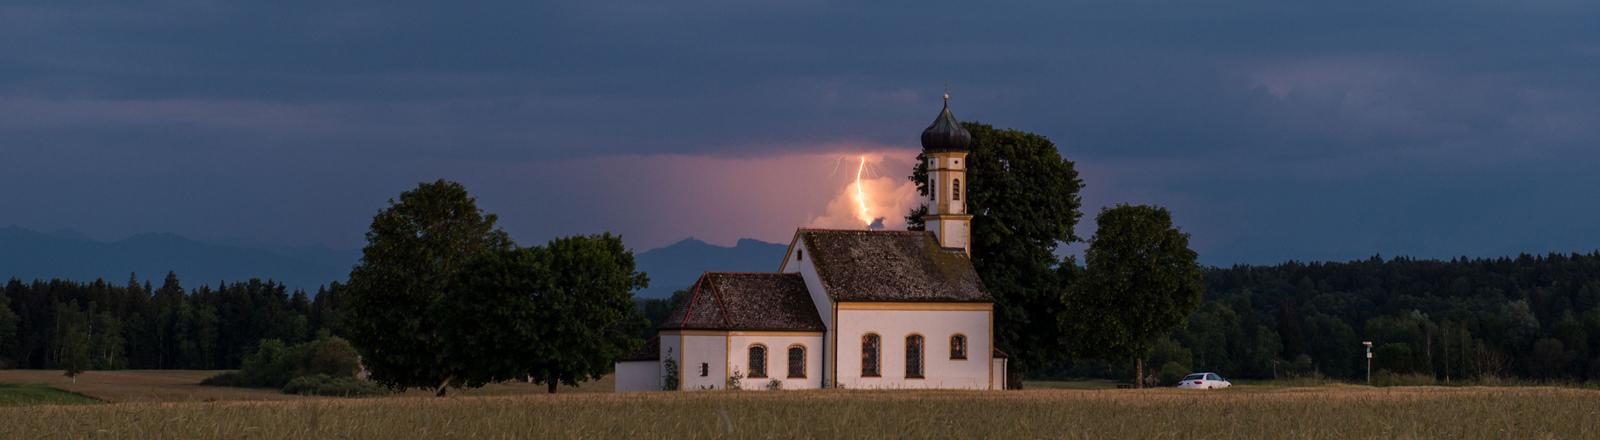 Blitz hinter einer Kirche